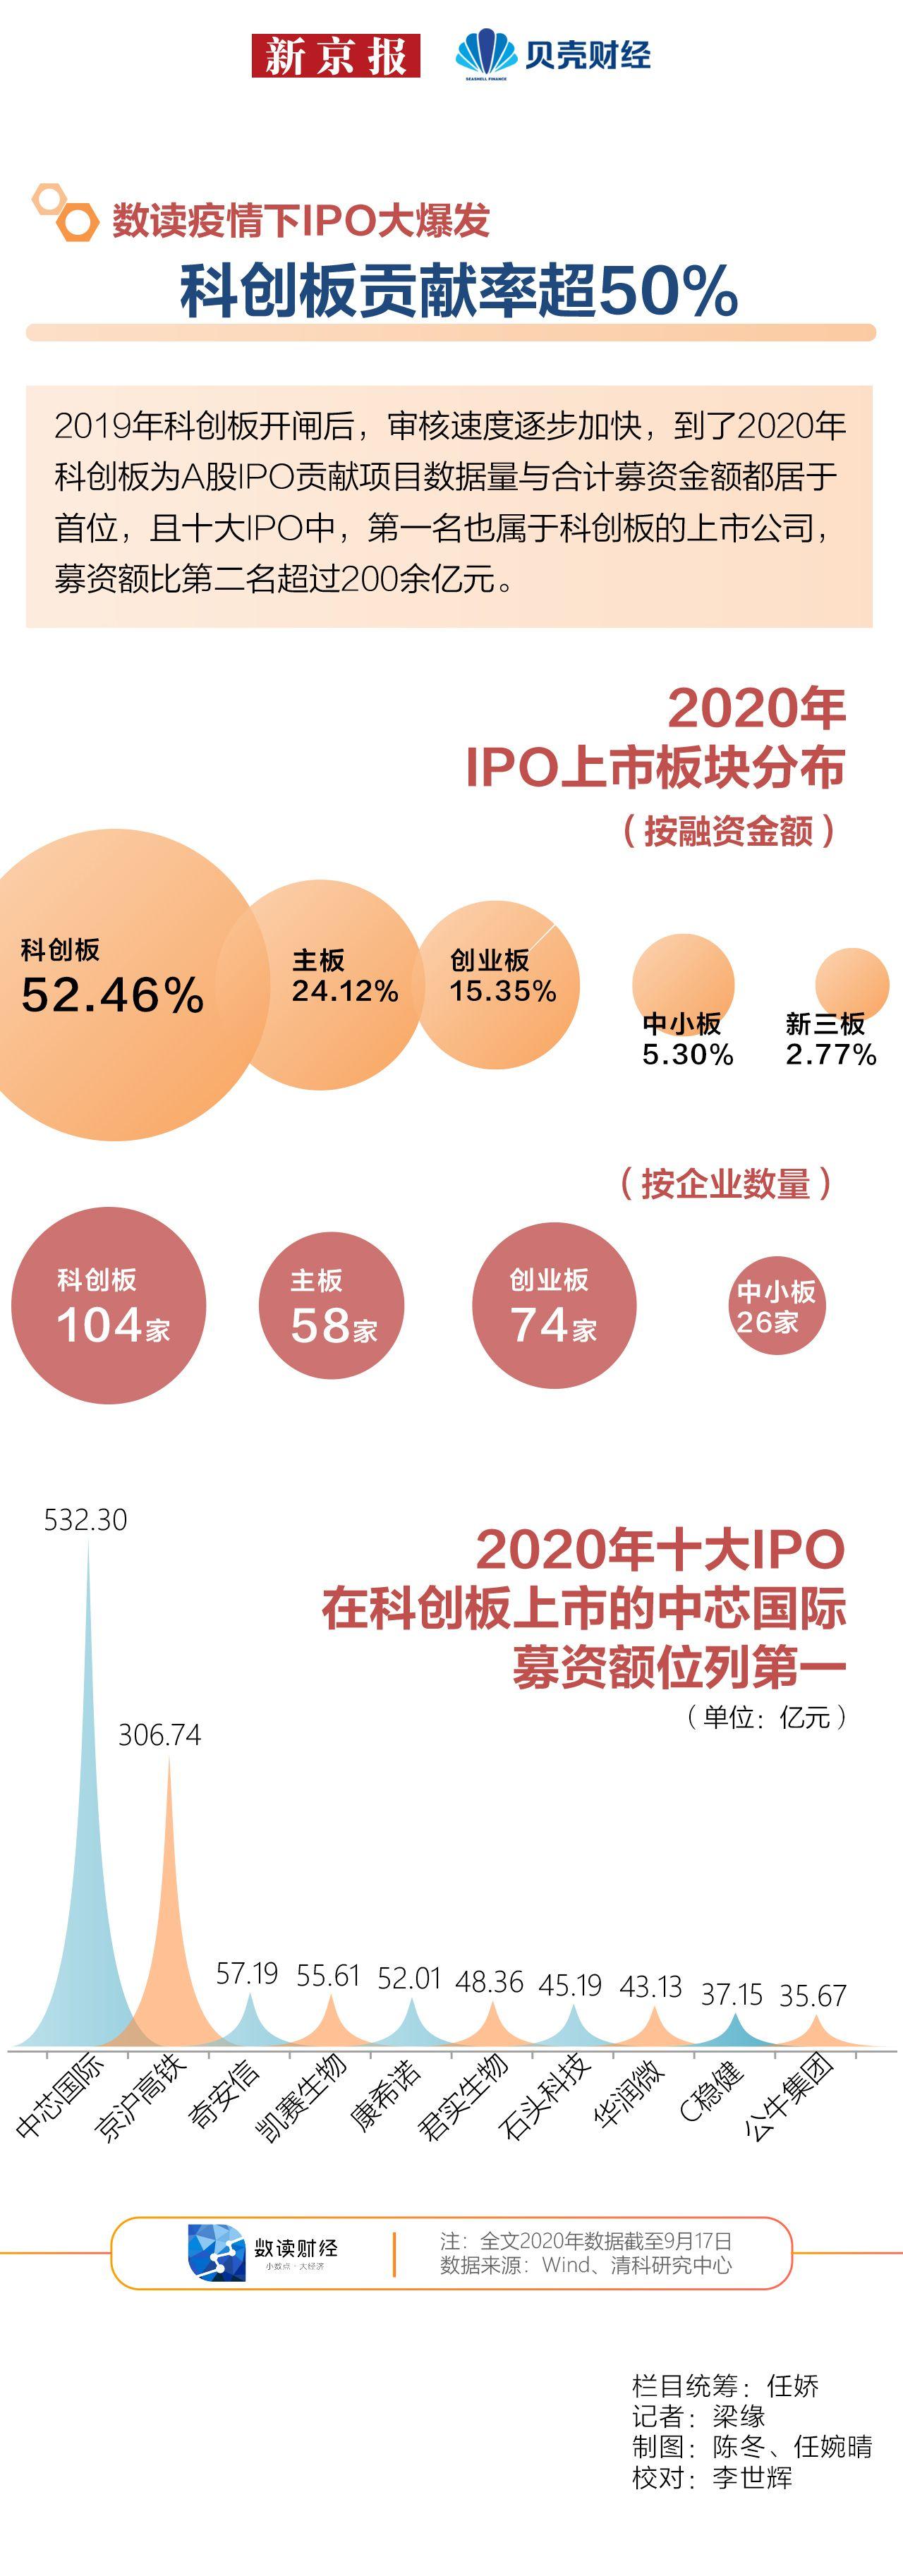 数读|疫情下IPO大爆发② 科创板贡献率超50%